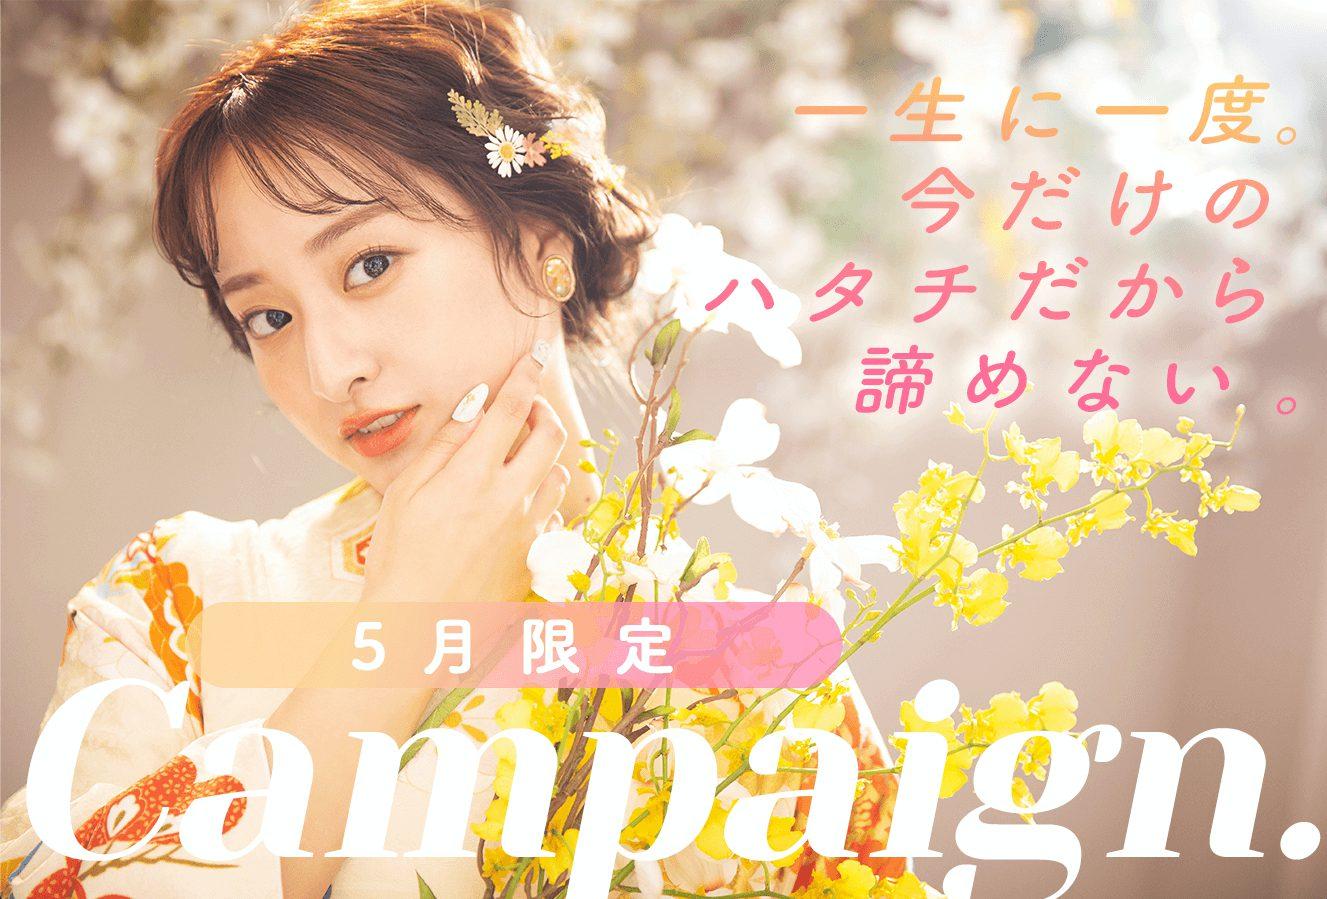 【2022年度】ご成人のお嬢様へ♡5月キャンペーンのご案内!...